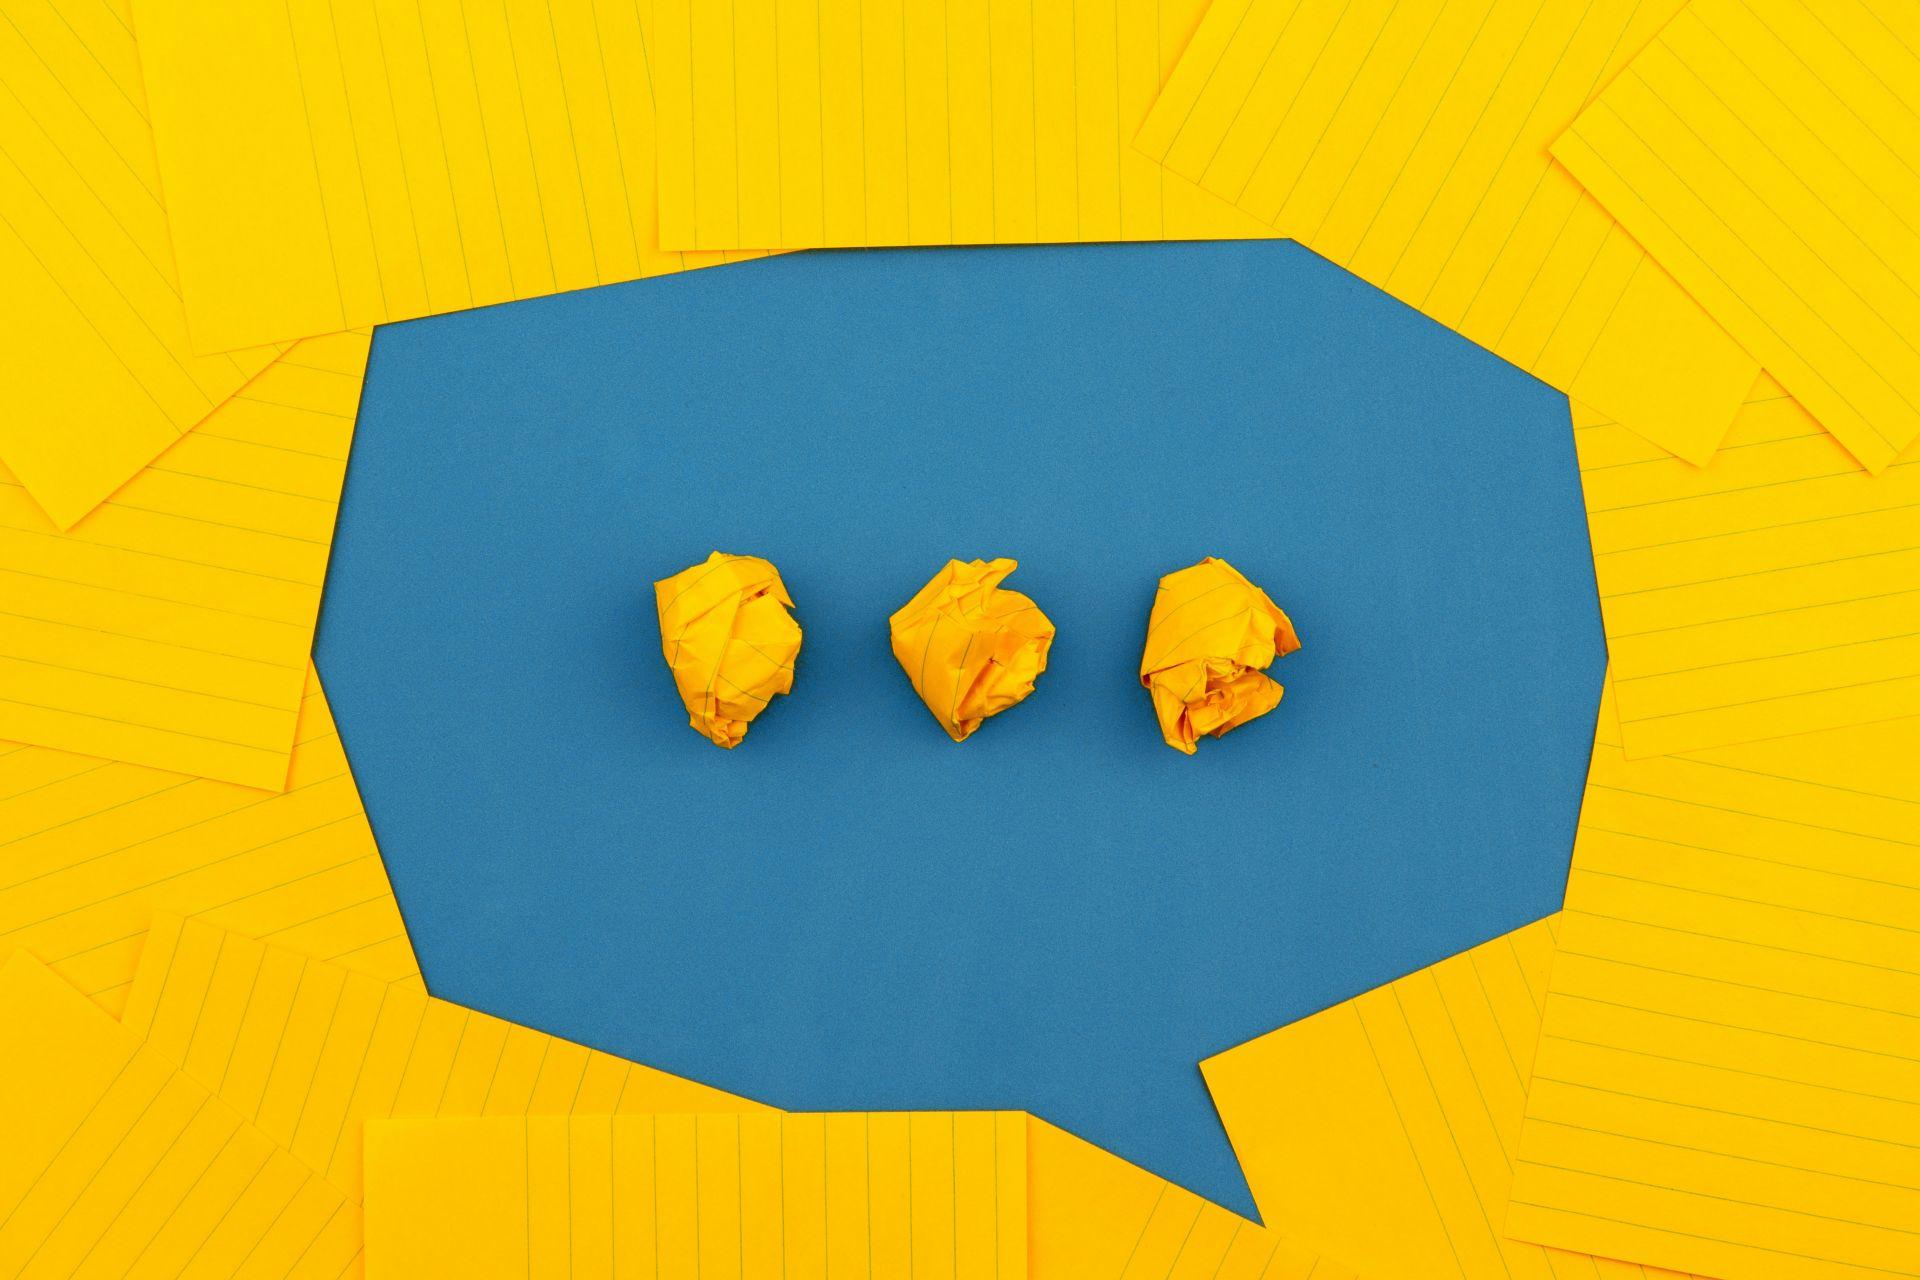 Keltaisista papereista sinistä taustaa vasten muodostettu puhekupla, jossa kolme rypistetystä paperista tehtyä pistettä.